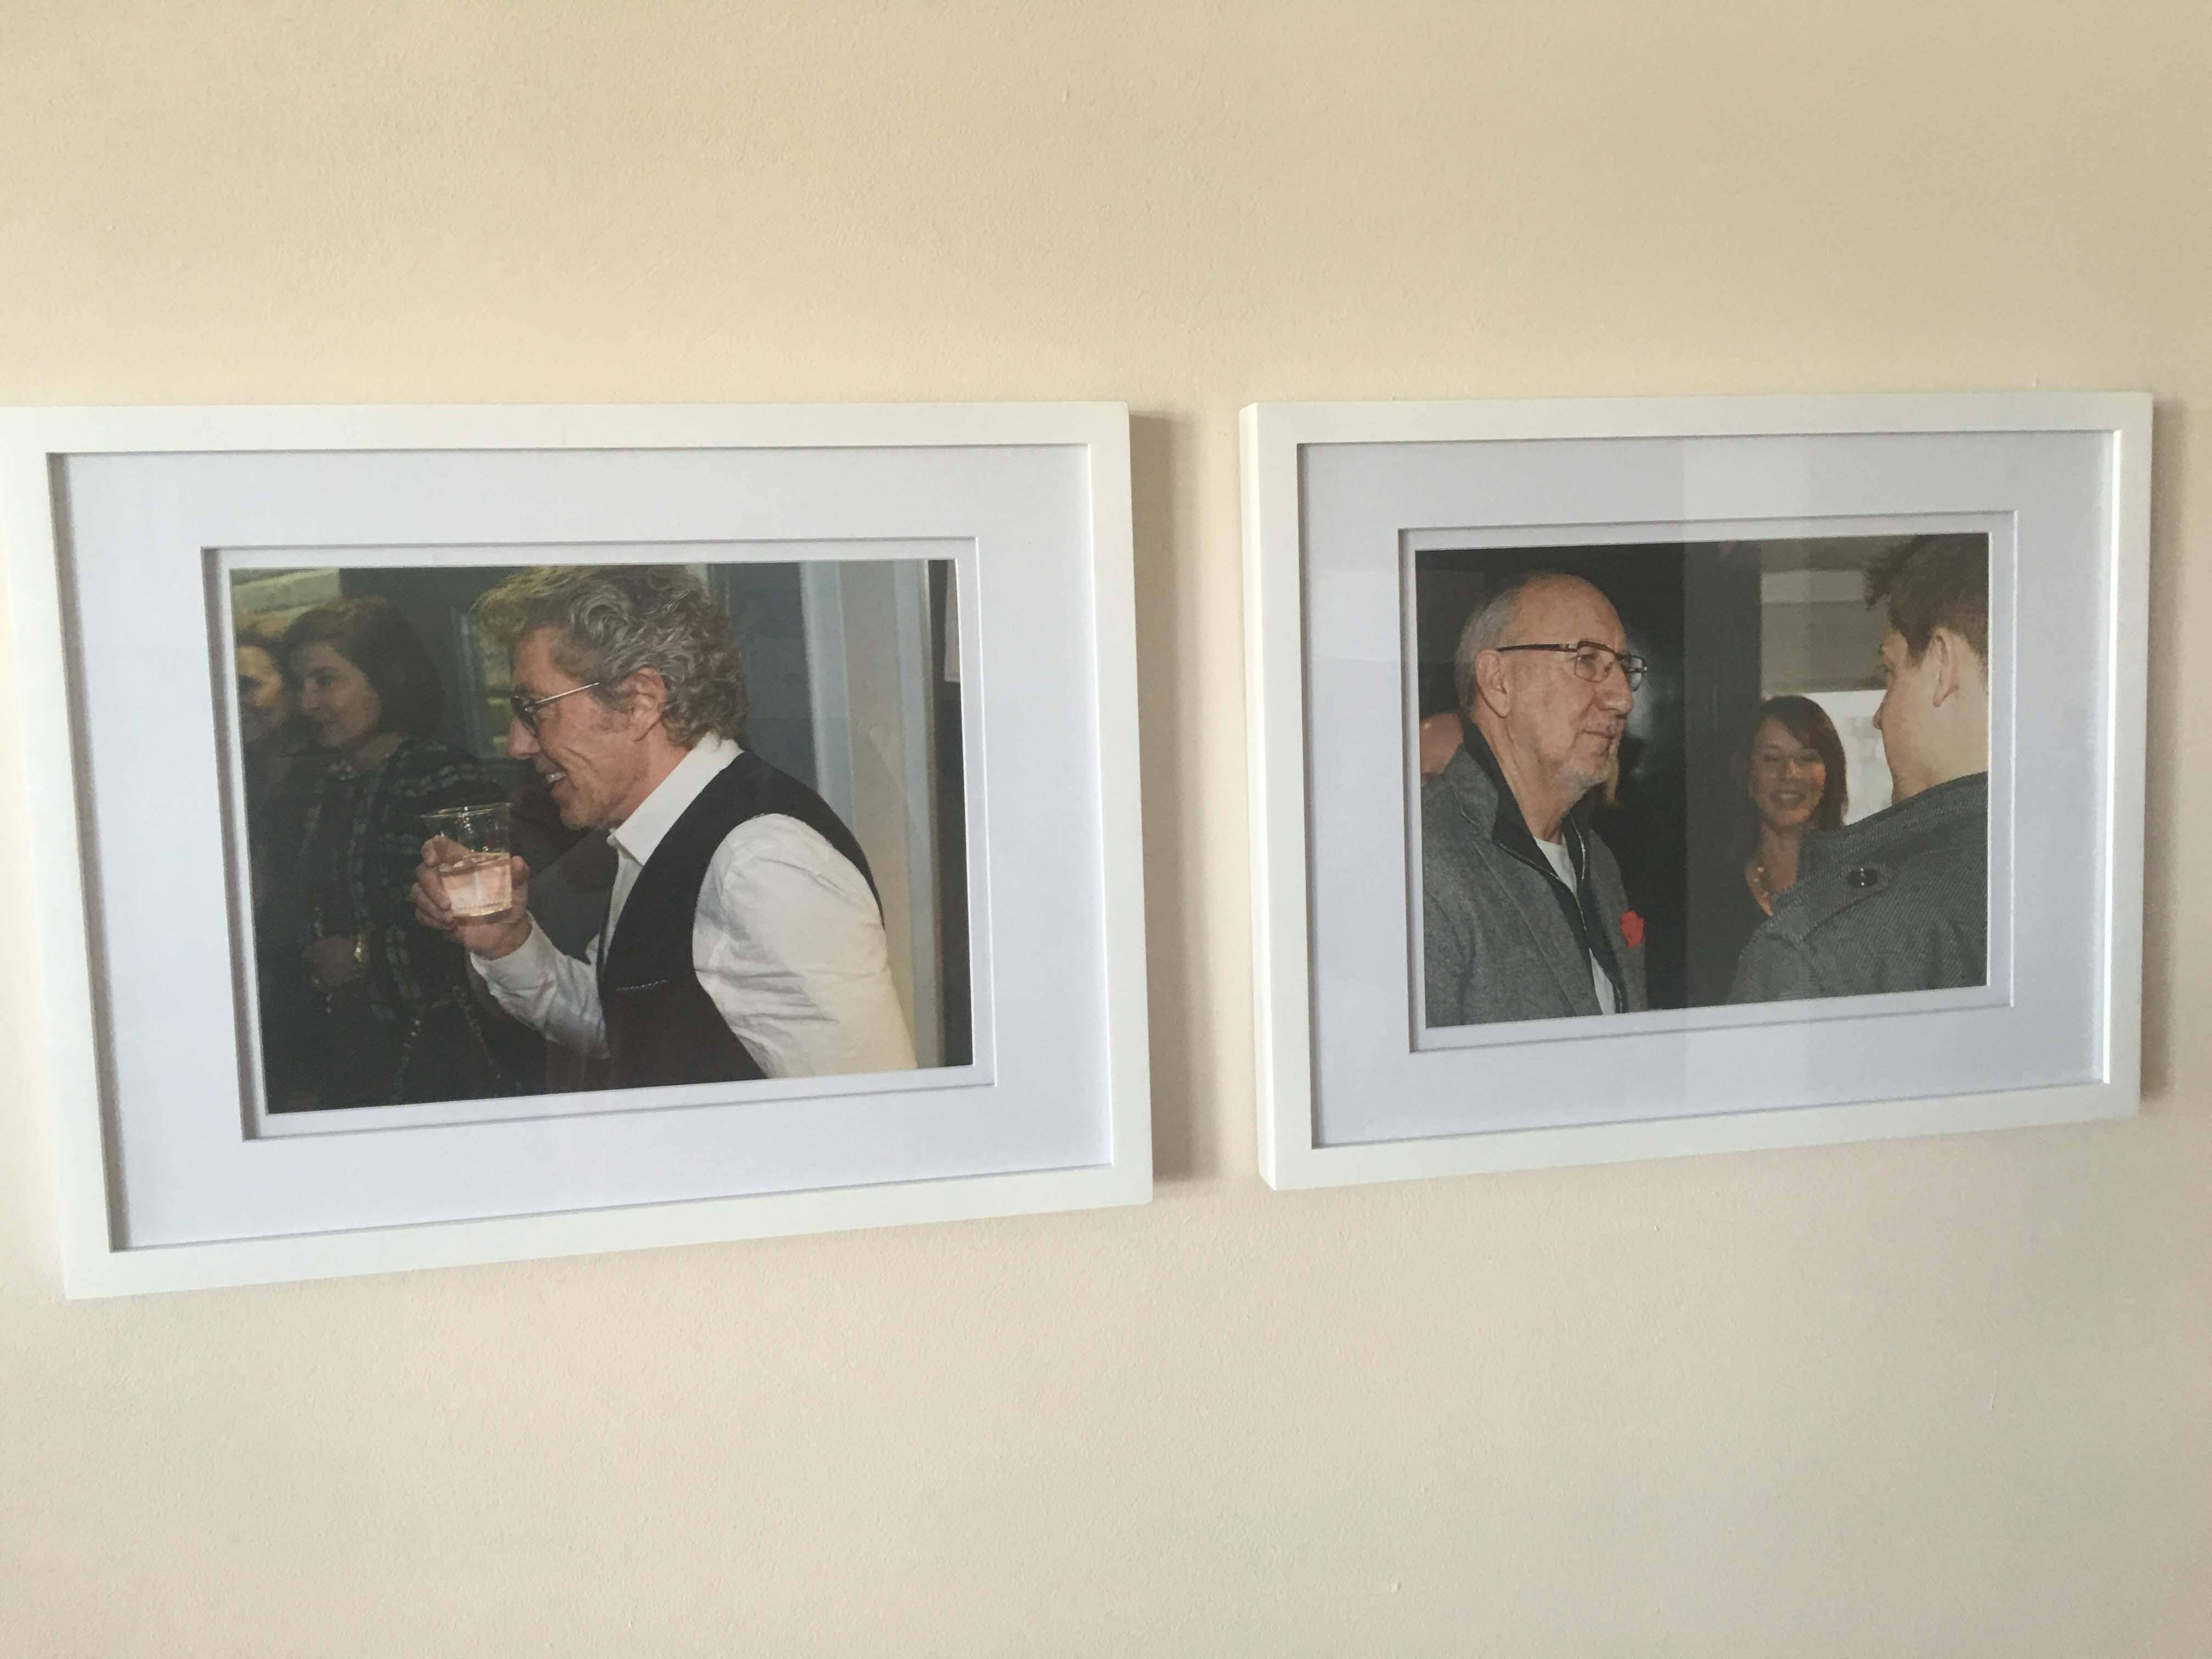 Daltrey Townshend photos